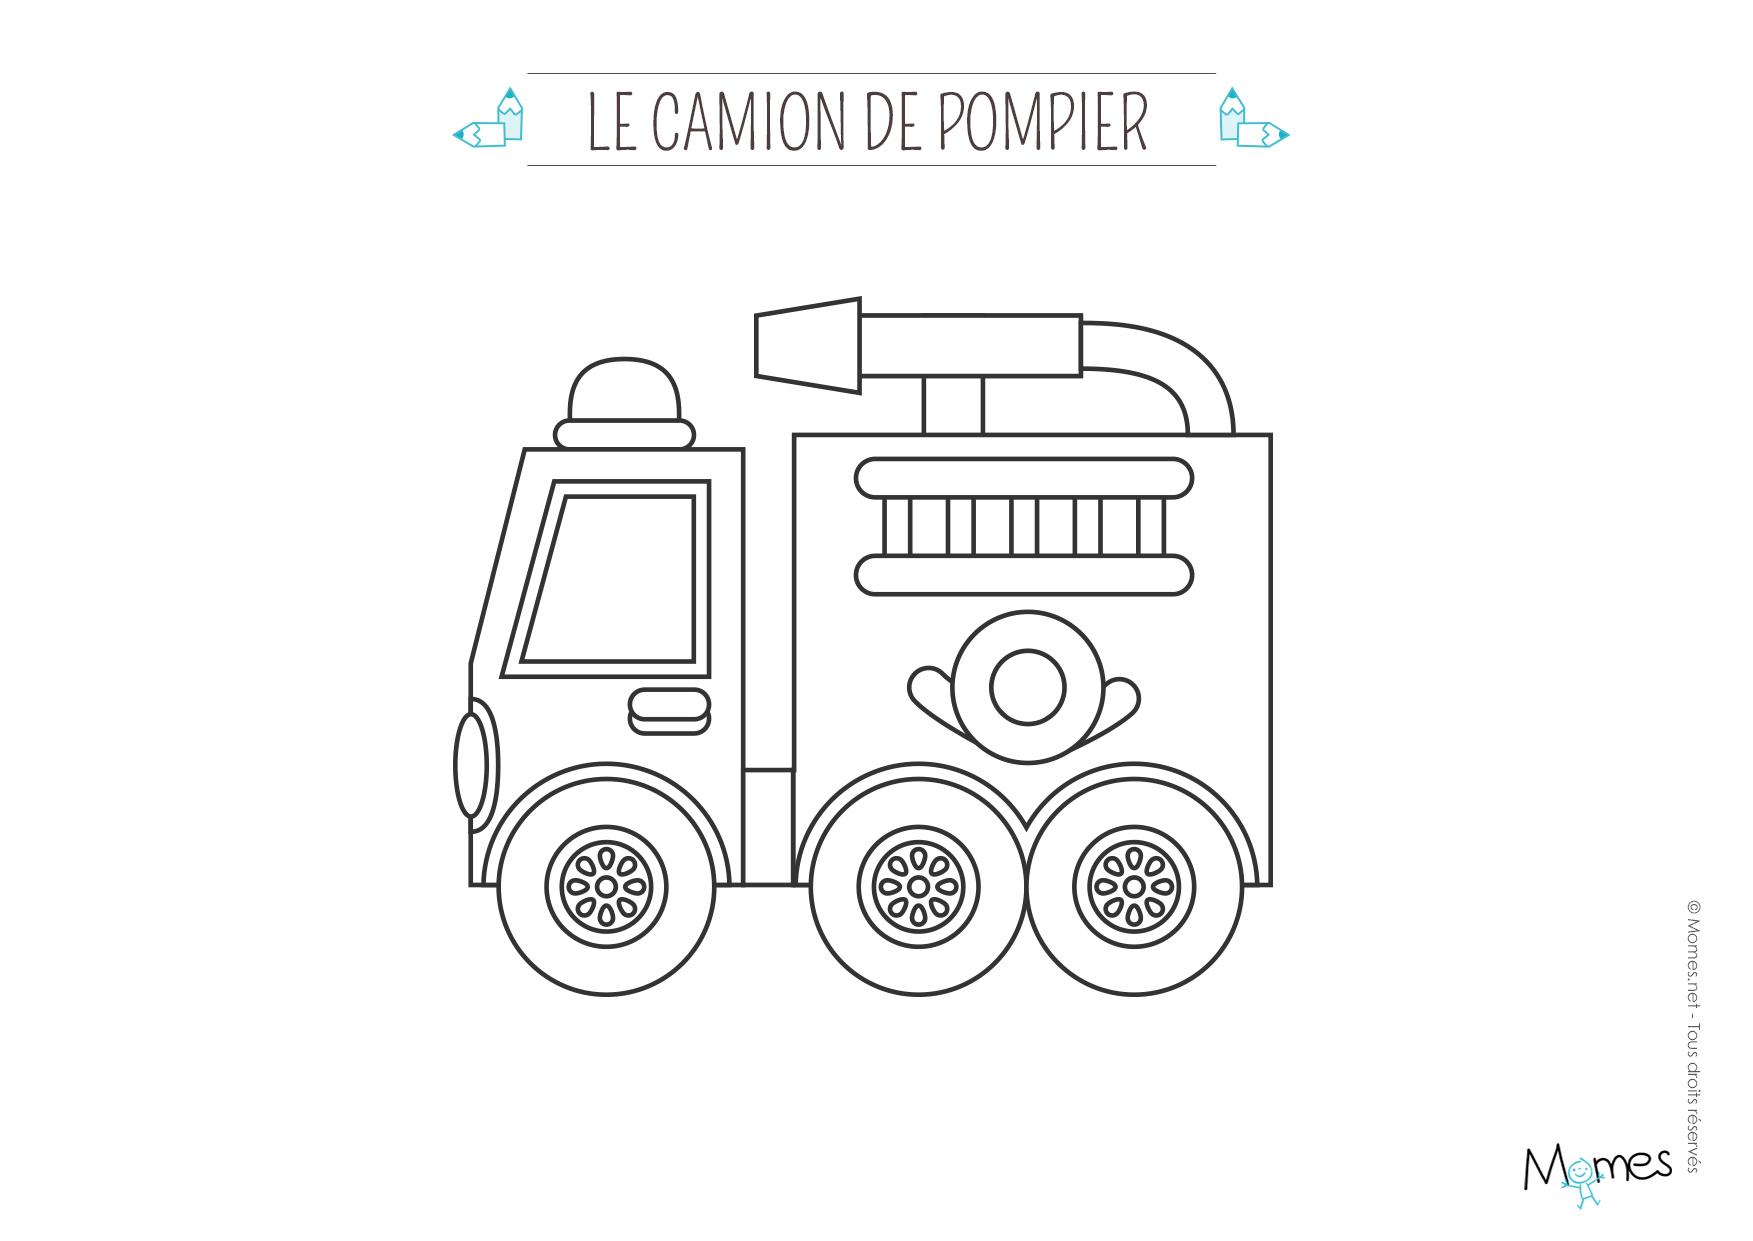 Camion De Pompier #50 (Transport) – Coloriages À Imprimer concernant Coloriage Camion De Pompier Gratuit À Imprimer